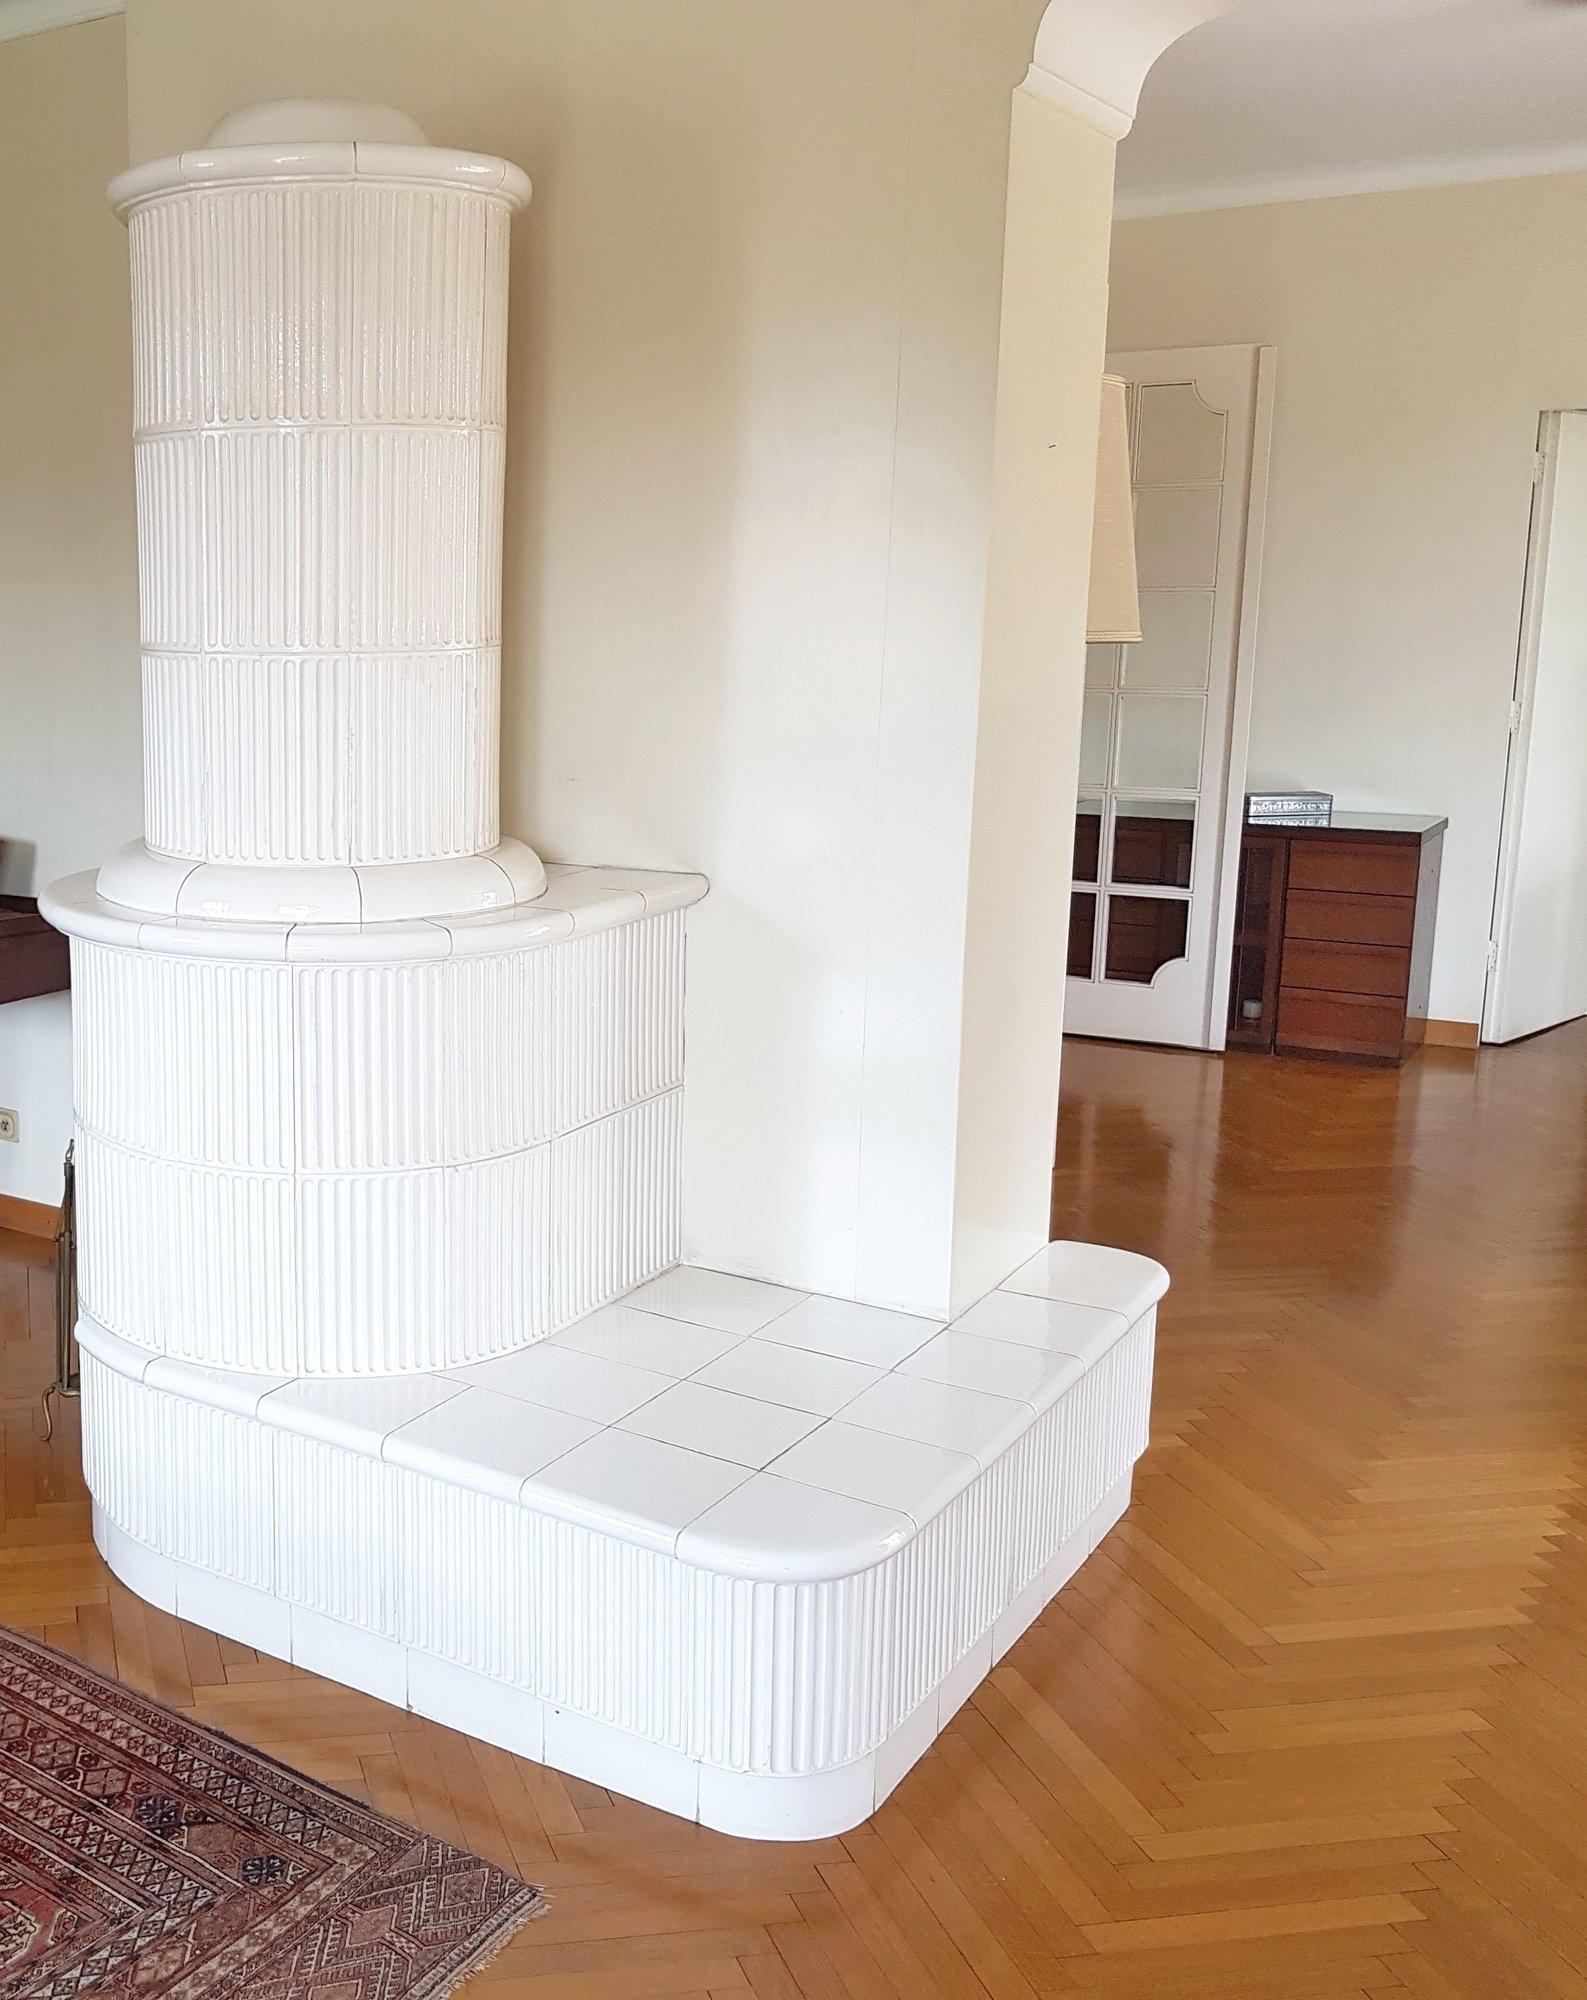 Kachelofen Wohnzimmer_stufa in soggiorno